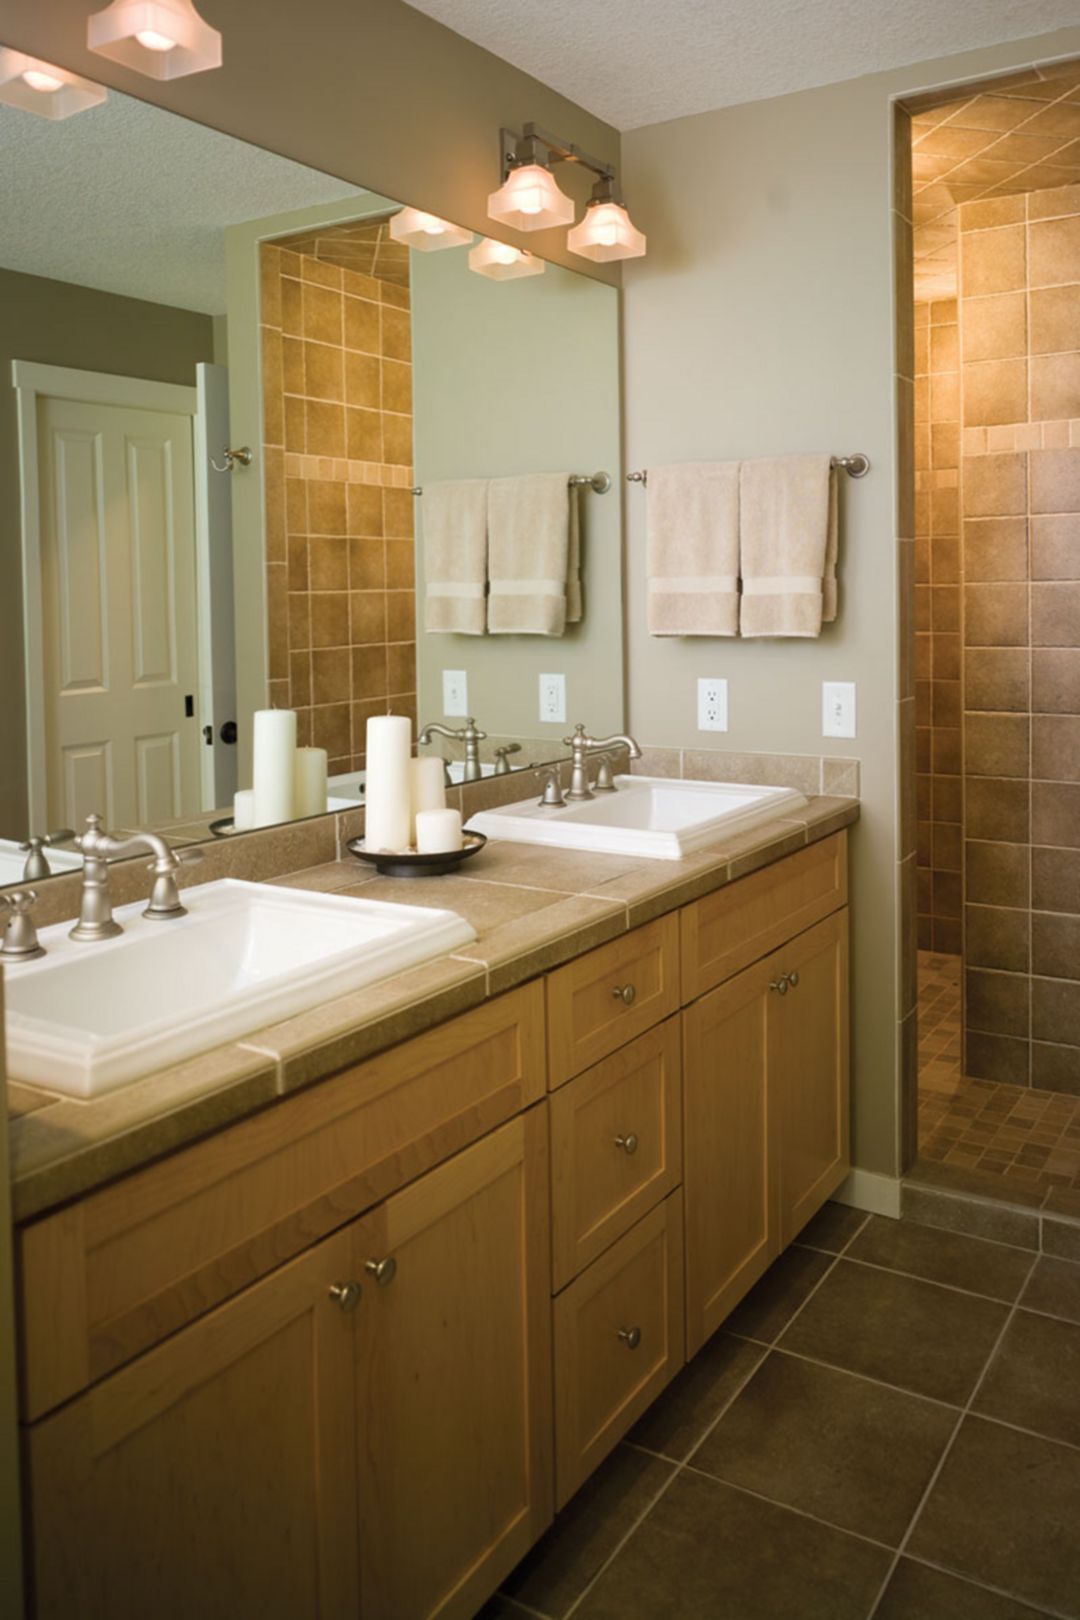 17 charming bathroom designs for minimalist house rustic on vanity bathroom id=24628